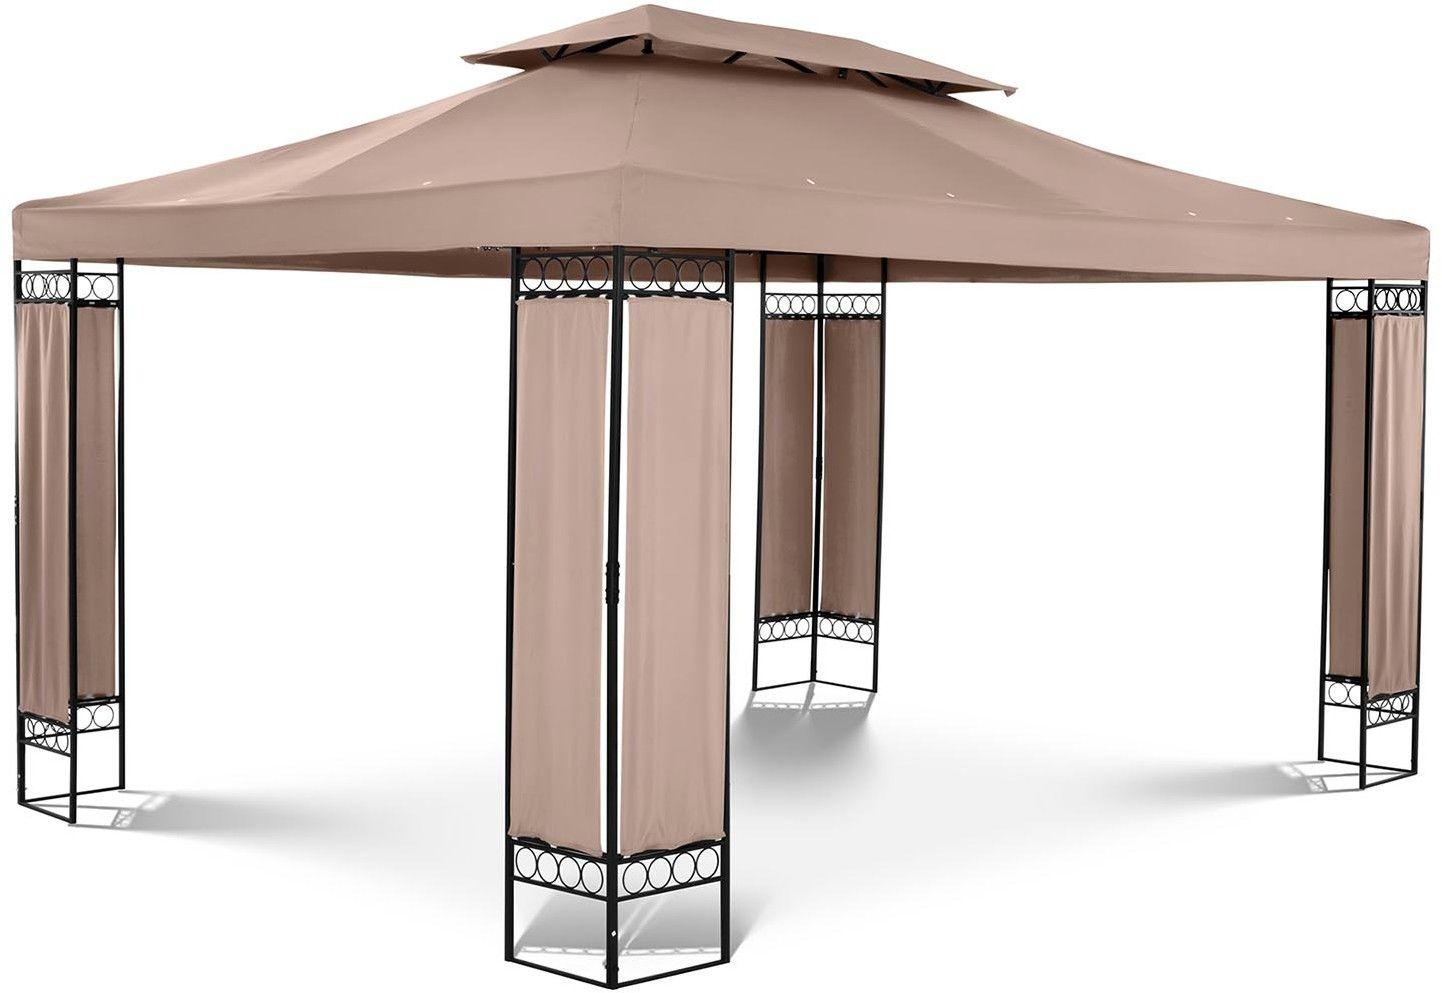 Pawilon ogrodowy - prostokątny - beżowy - Uniprodo - UNI_PERGOLA_3X4TF_U - 3 lata gwarancji/wysyłka w 24h